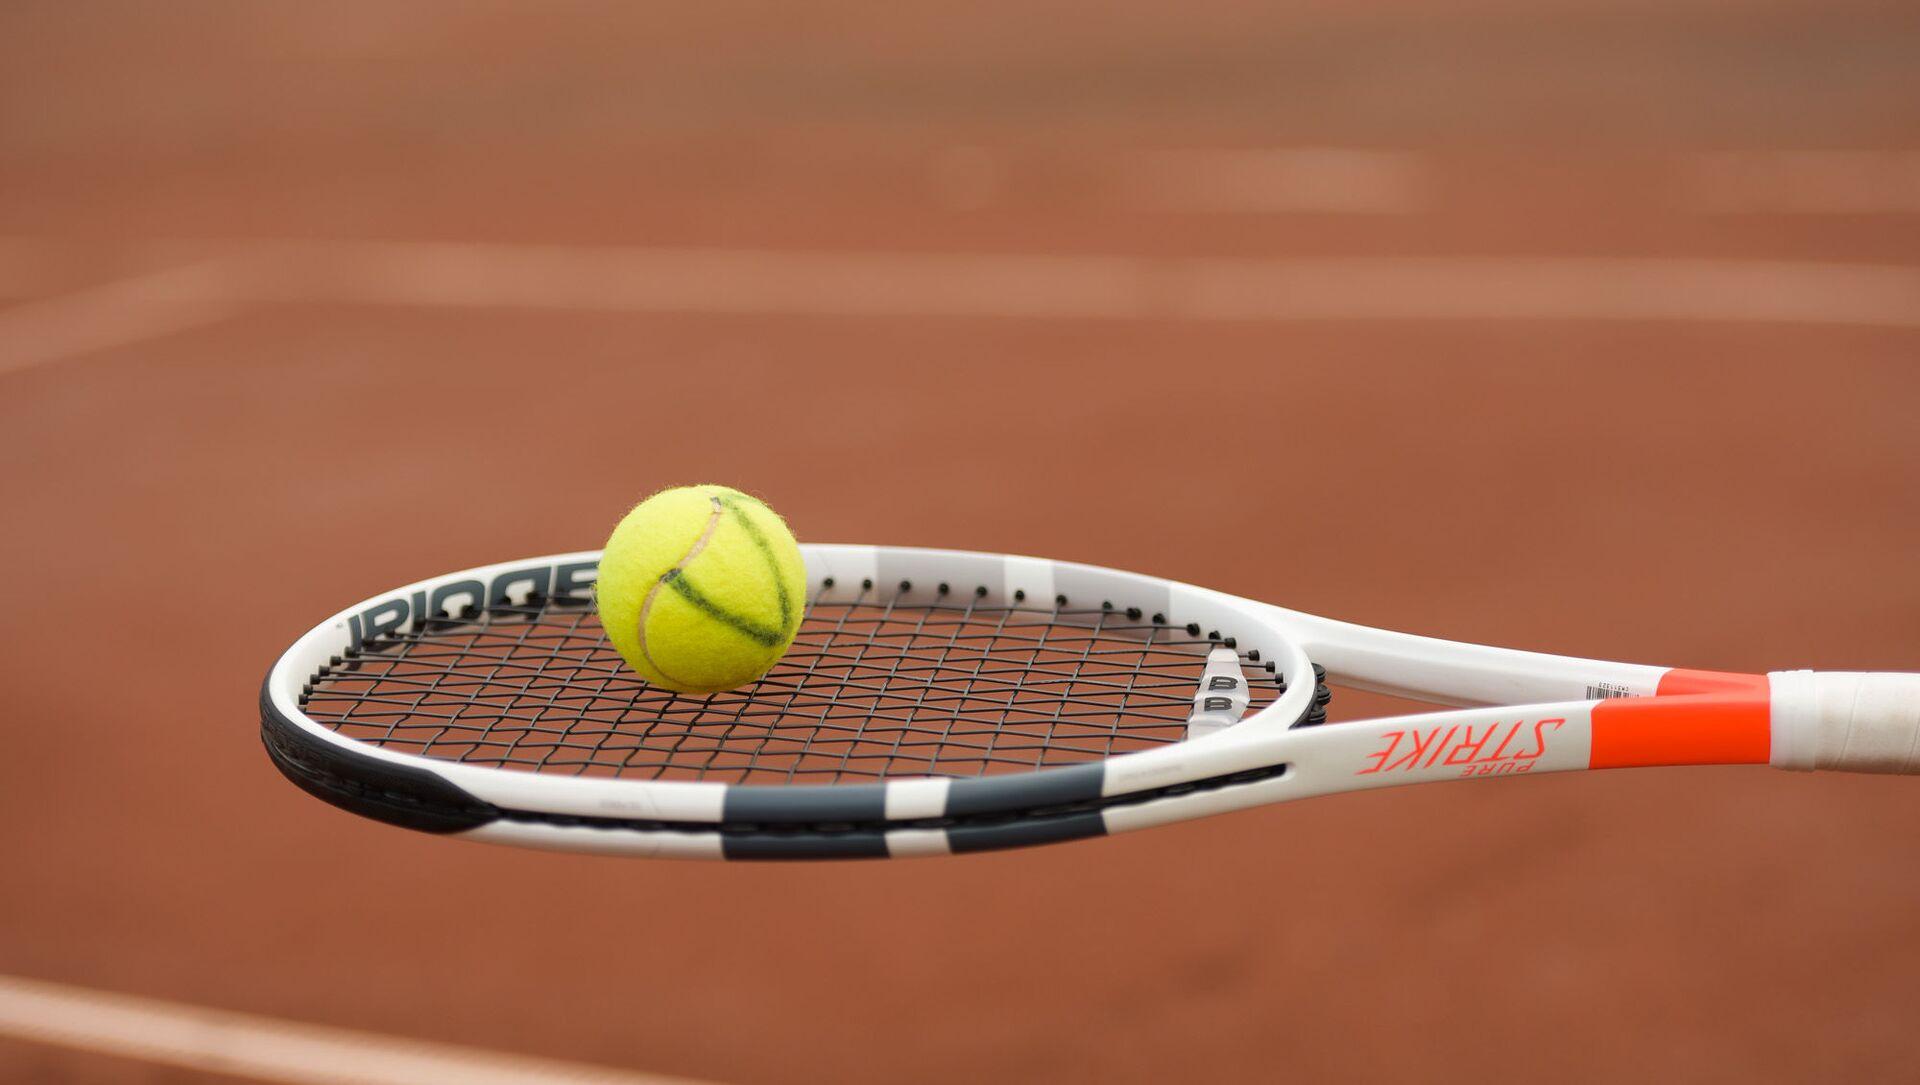 Теннисный корт   - Sputnik Абхазия, 1920, 05.09.2021